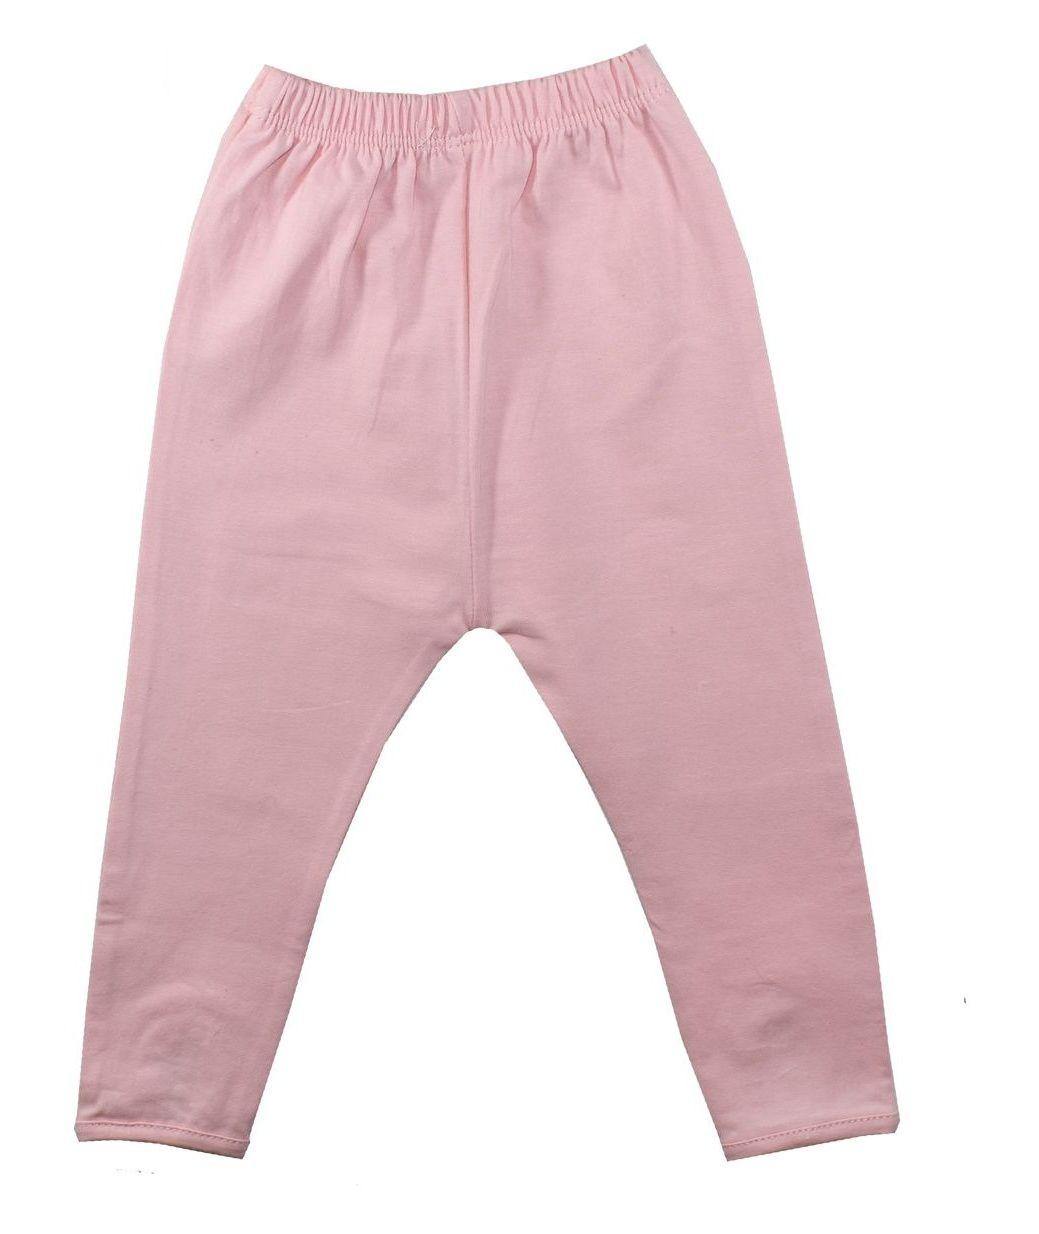 ست پیراهن و شلوار نوزادی دخترانه نیروان کد Q-1